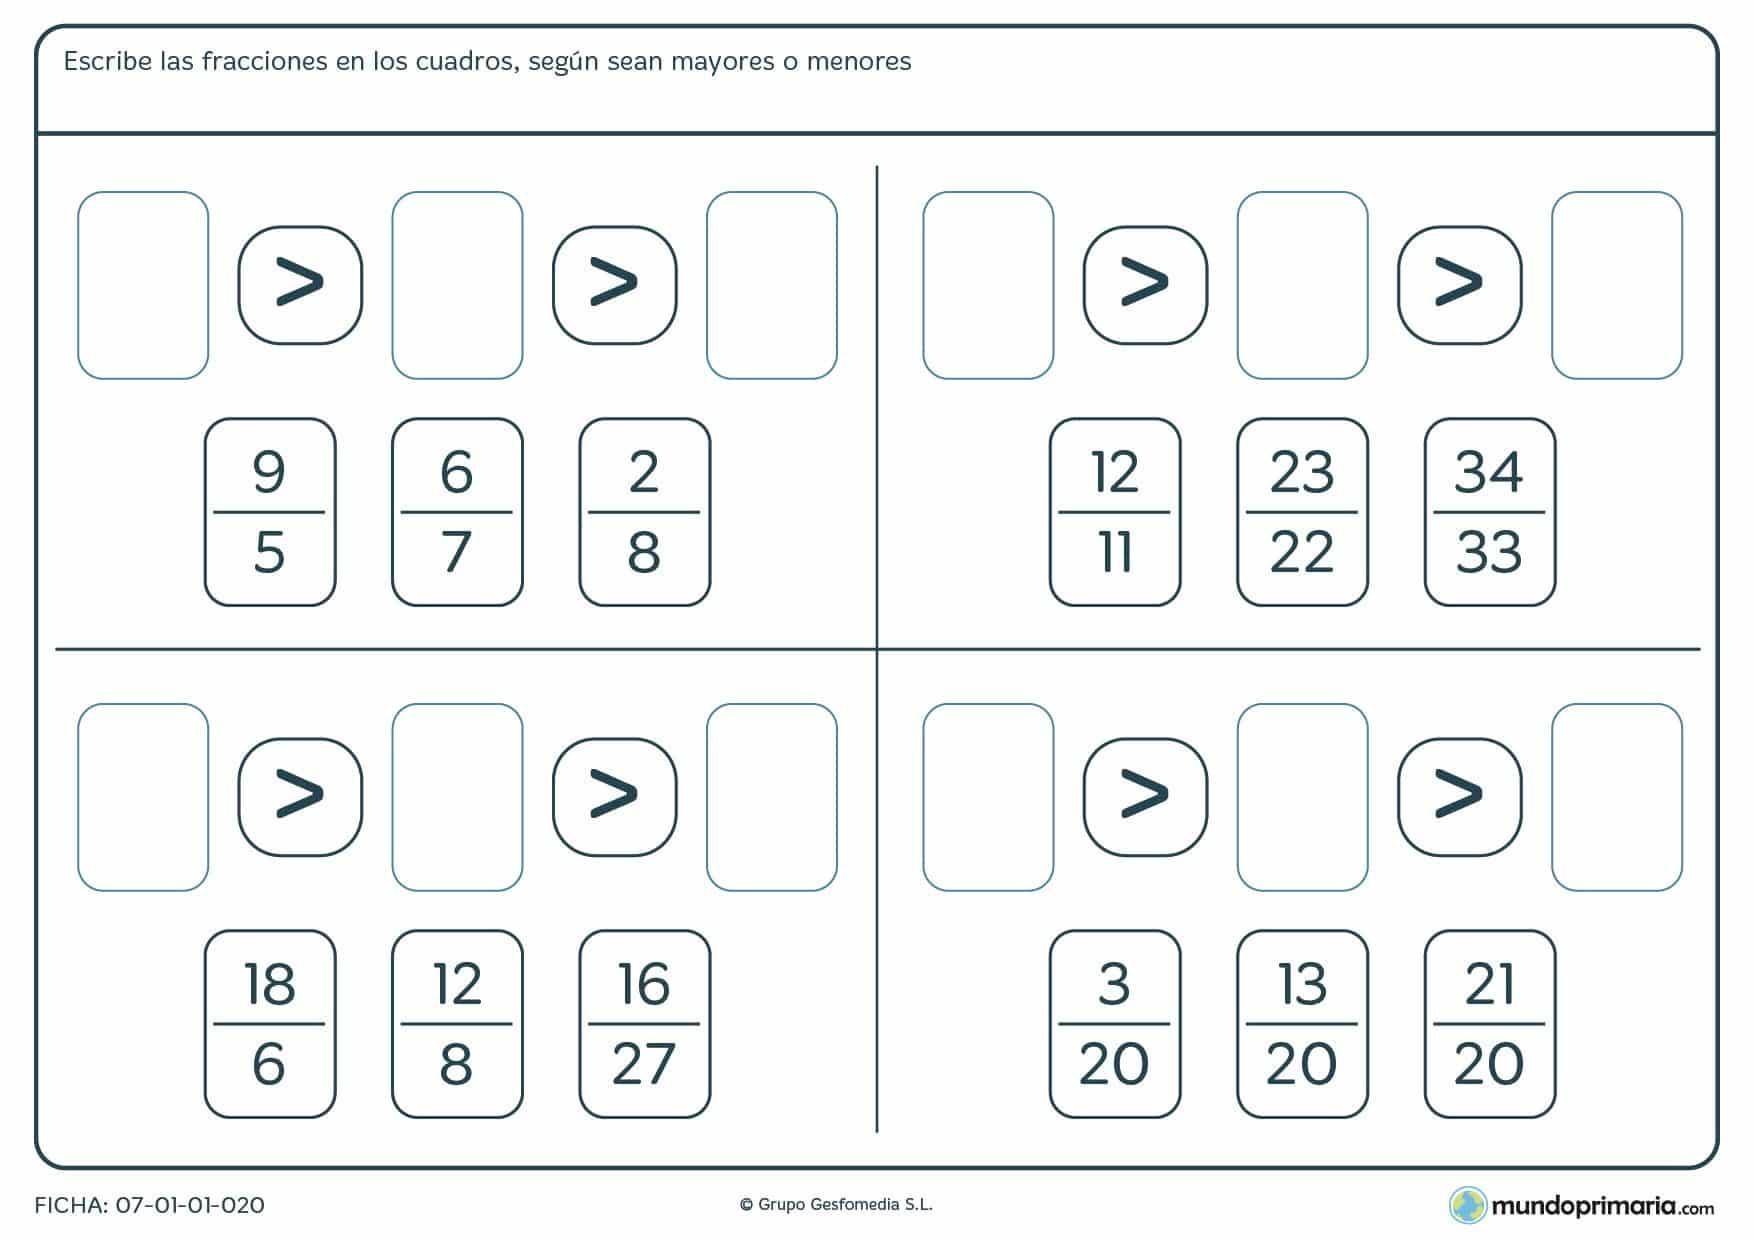 Ficha de fracciones de mayor a menor completando los espacios en blanco correctamente.